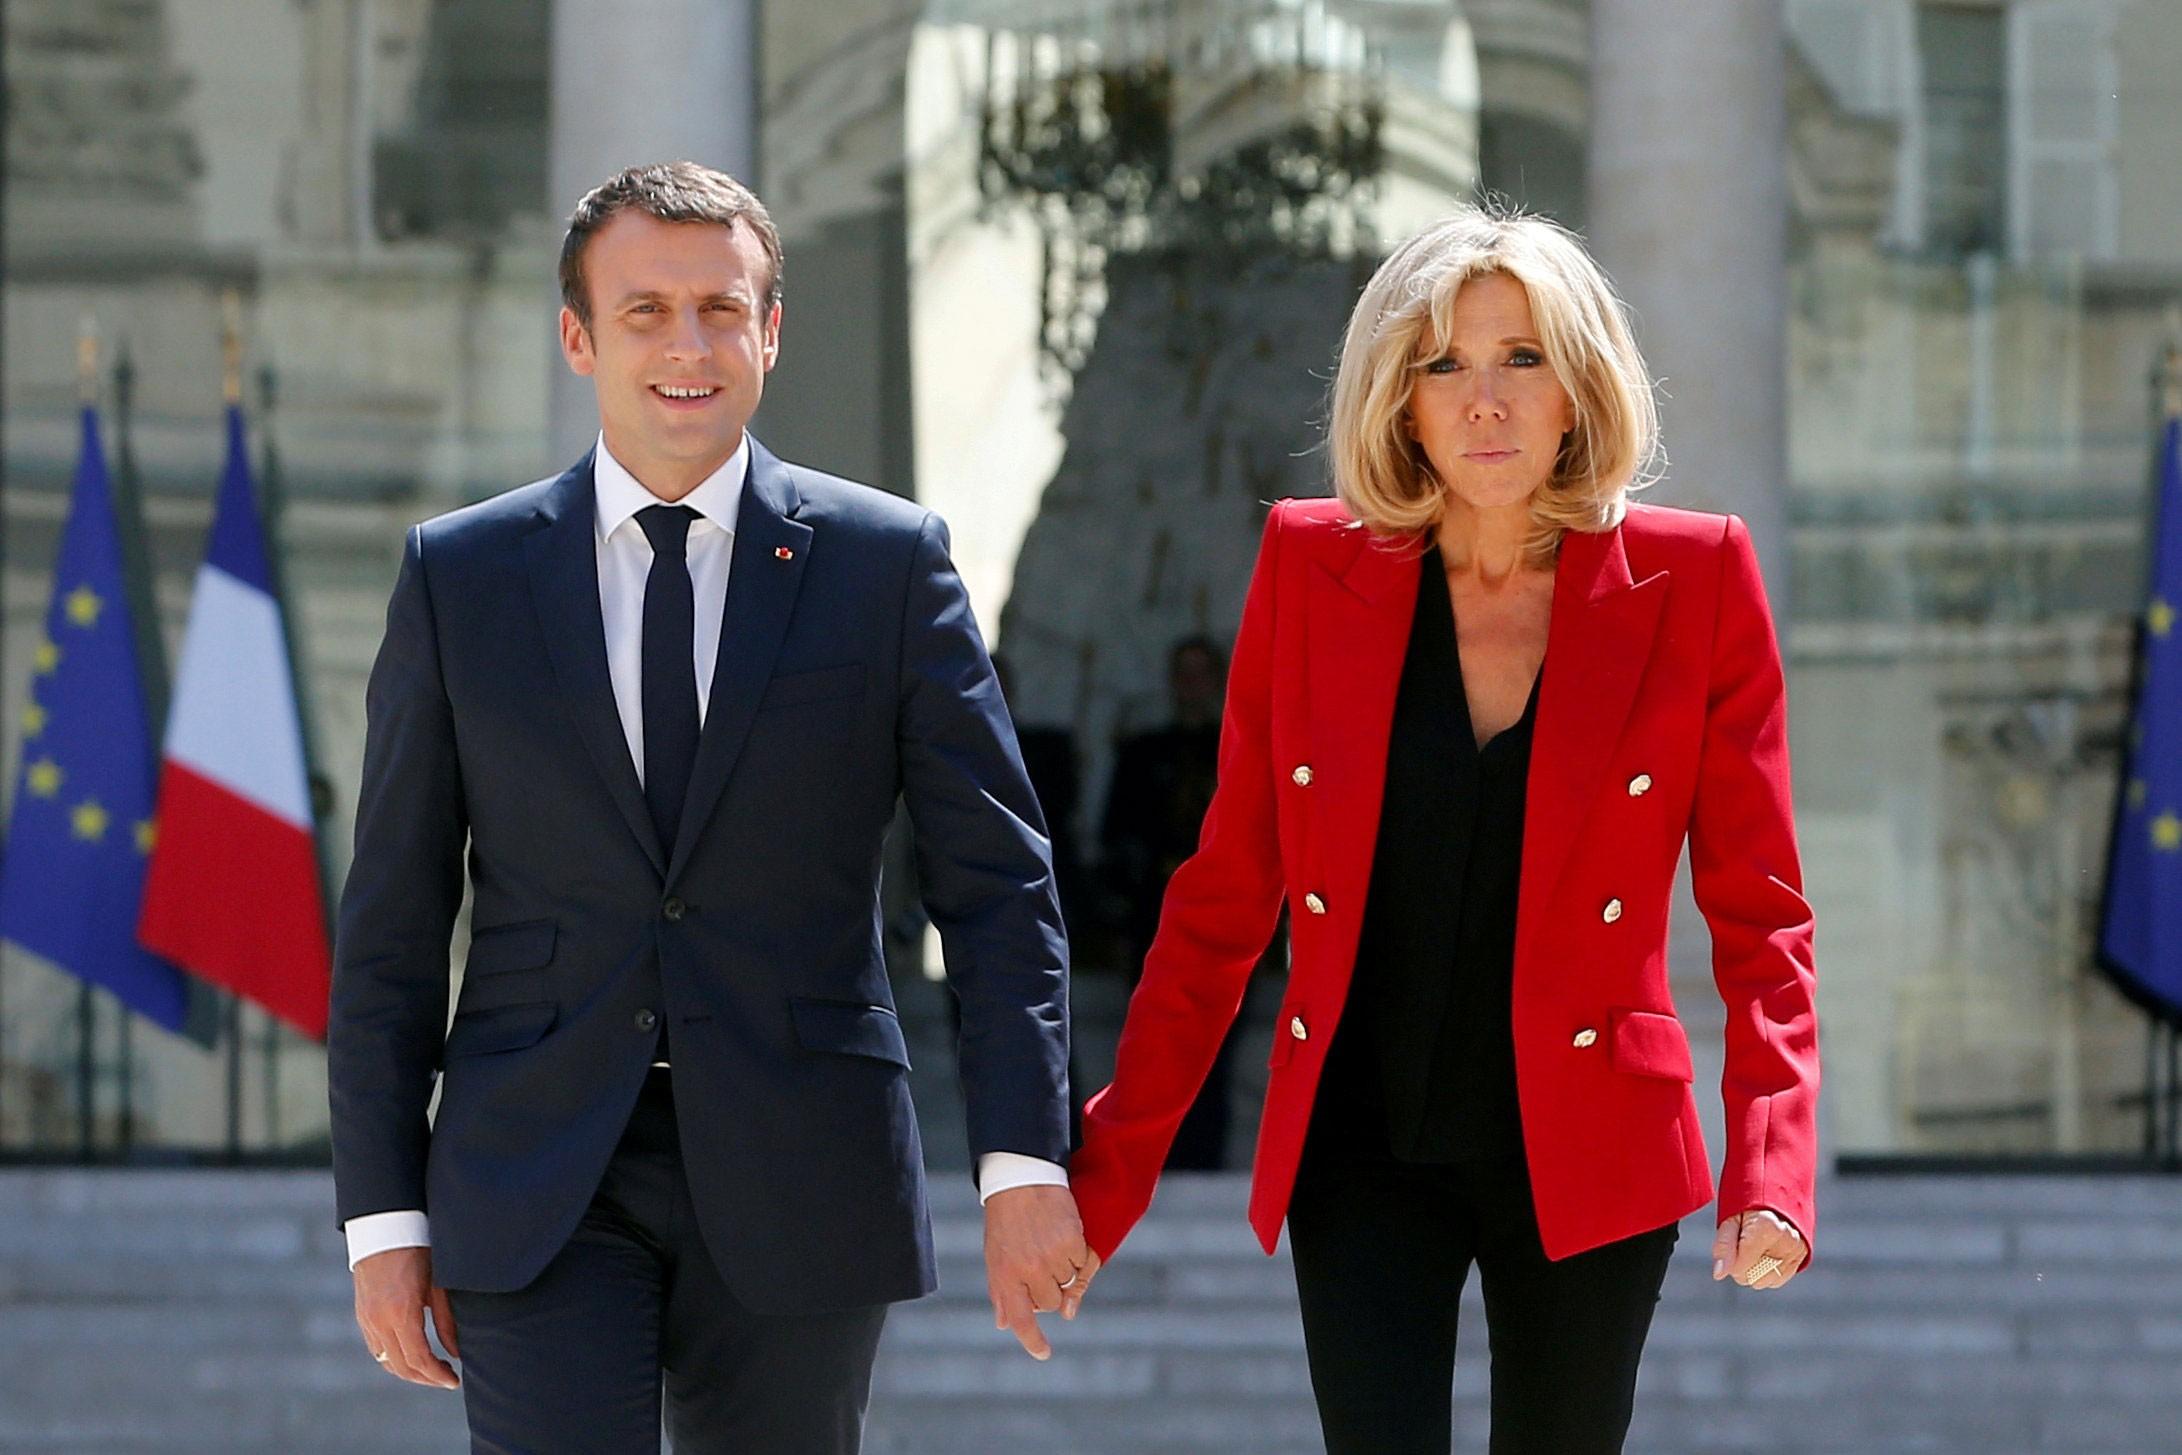 Primeira-dama da França vai dar aulas de francês para desempregados - Noticias